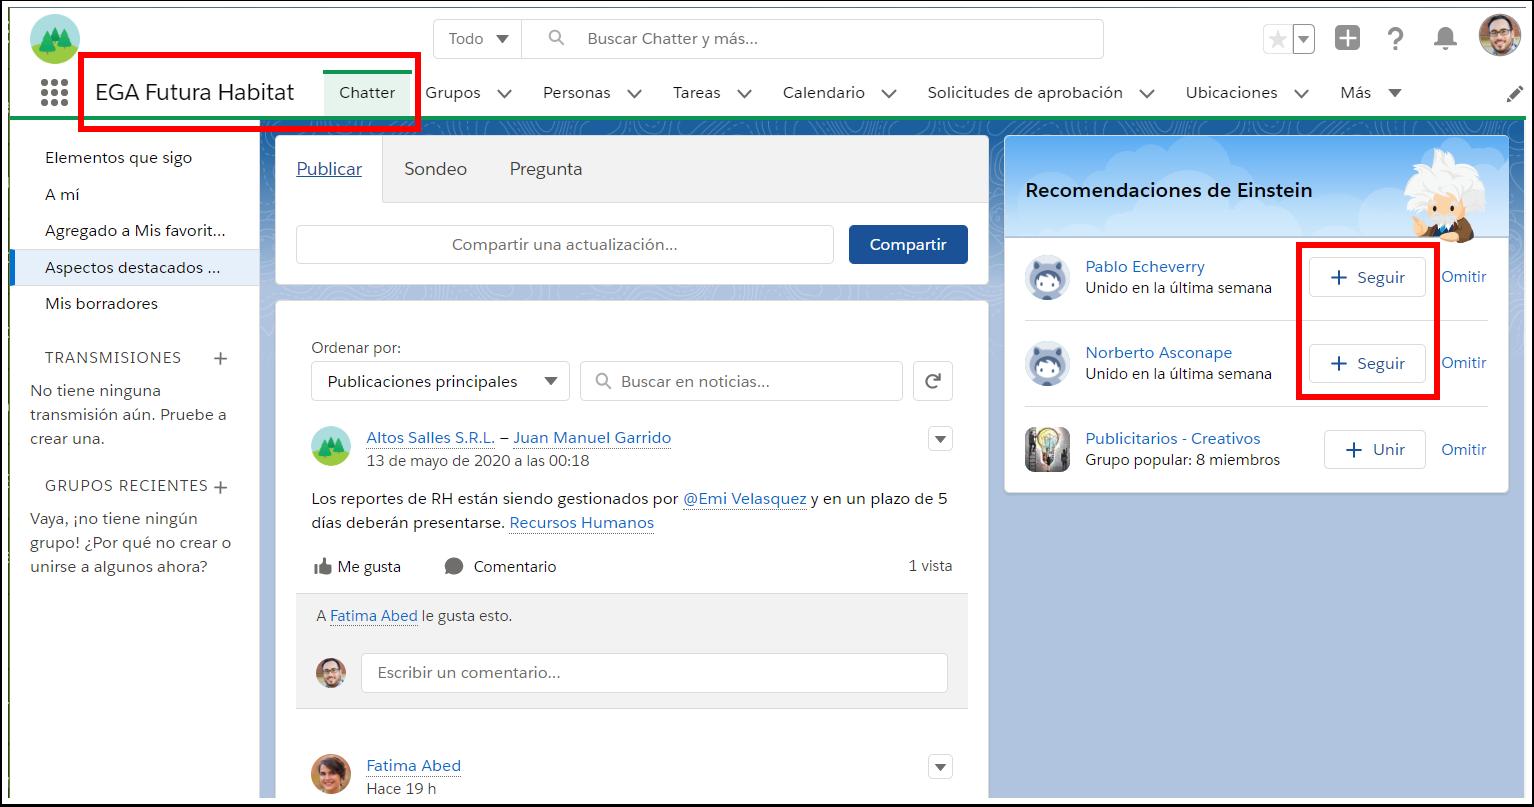 Seguir es activar una suscripción al perfil de una persona (usuario), a un tema o a un registro de la plataforma. Seguir permite enterarse de todas las actualizaciones de los elementos que se sigue. Las novedades aparecen en las Noticias en tiempo real de Chatter. Hacer seguimiento de un usuario permite ver las publicaciones de las personas que sigue. Seguir un grupo permite conocer todas las publicaciones y comentarios del grupo seleccionado. Seguir un registro permite ver las publicaciones, los comentarios y las modificaciones de sus campos.